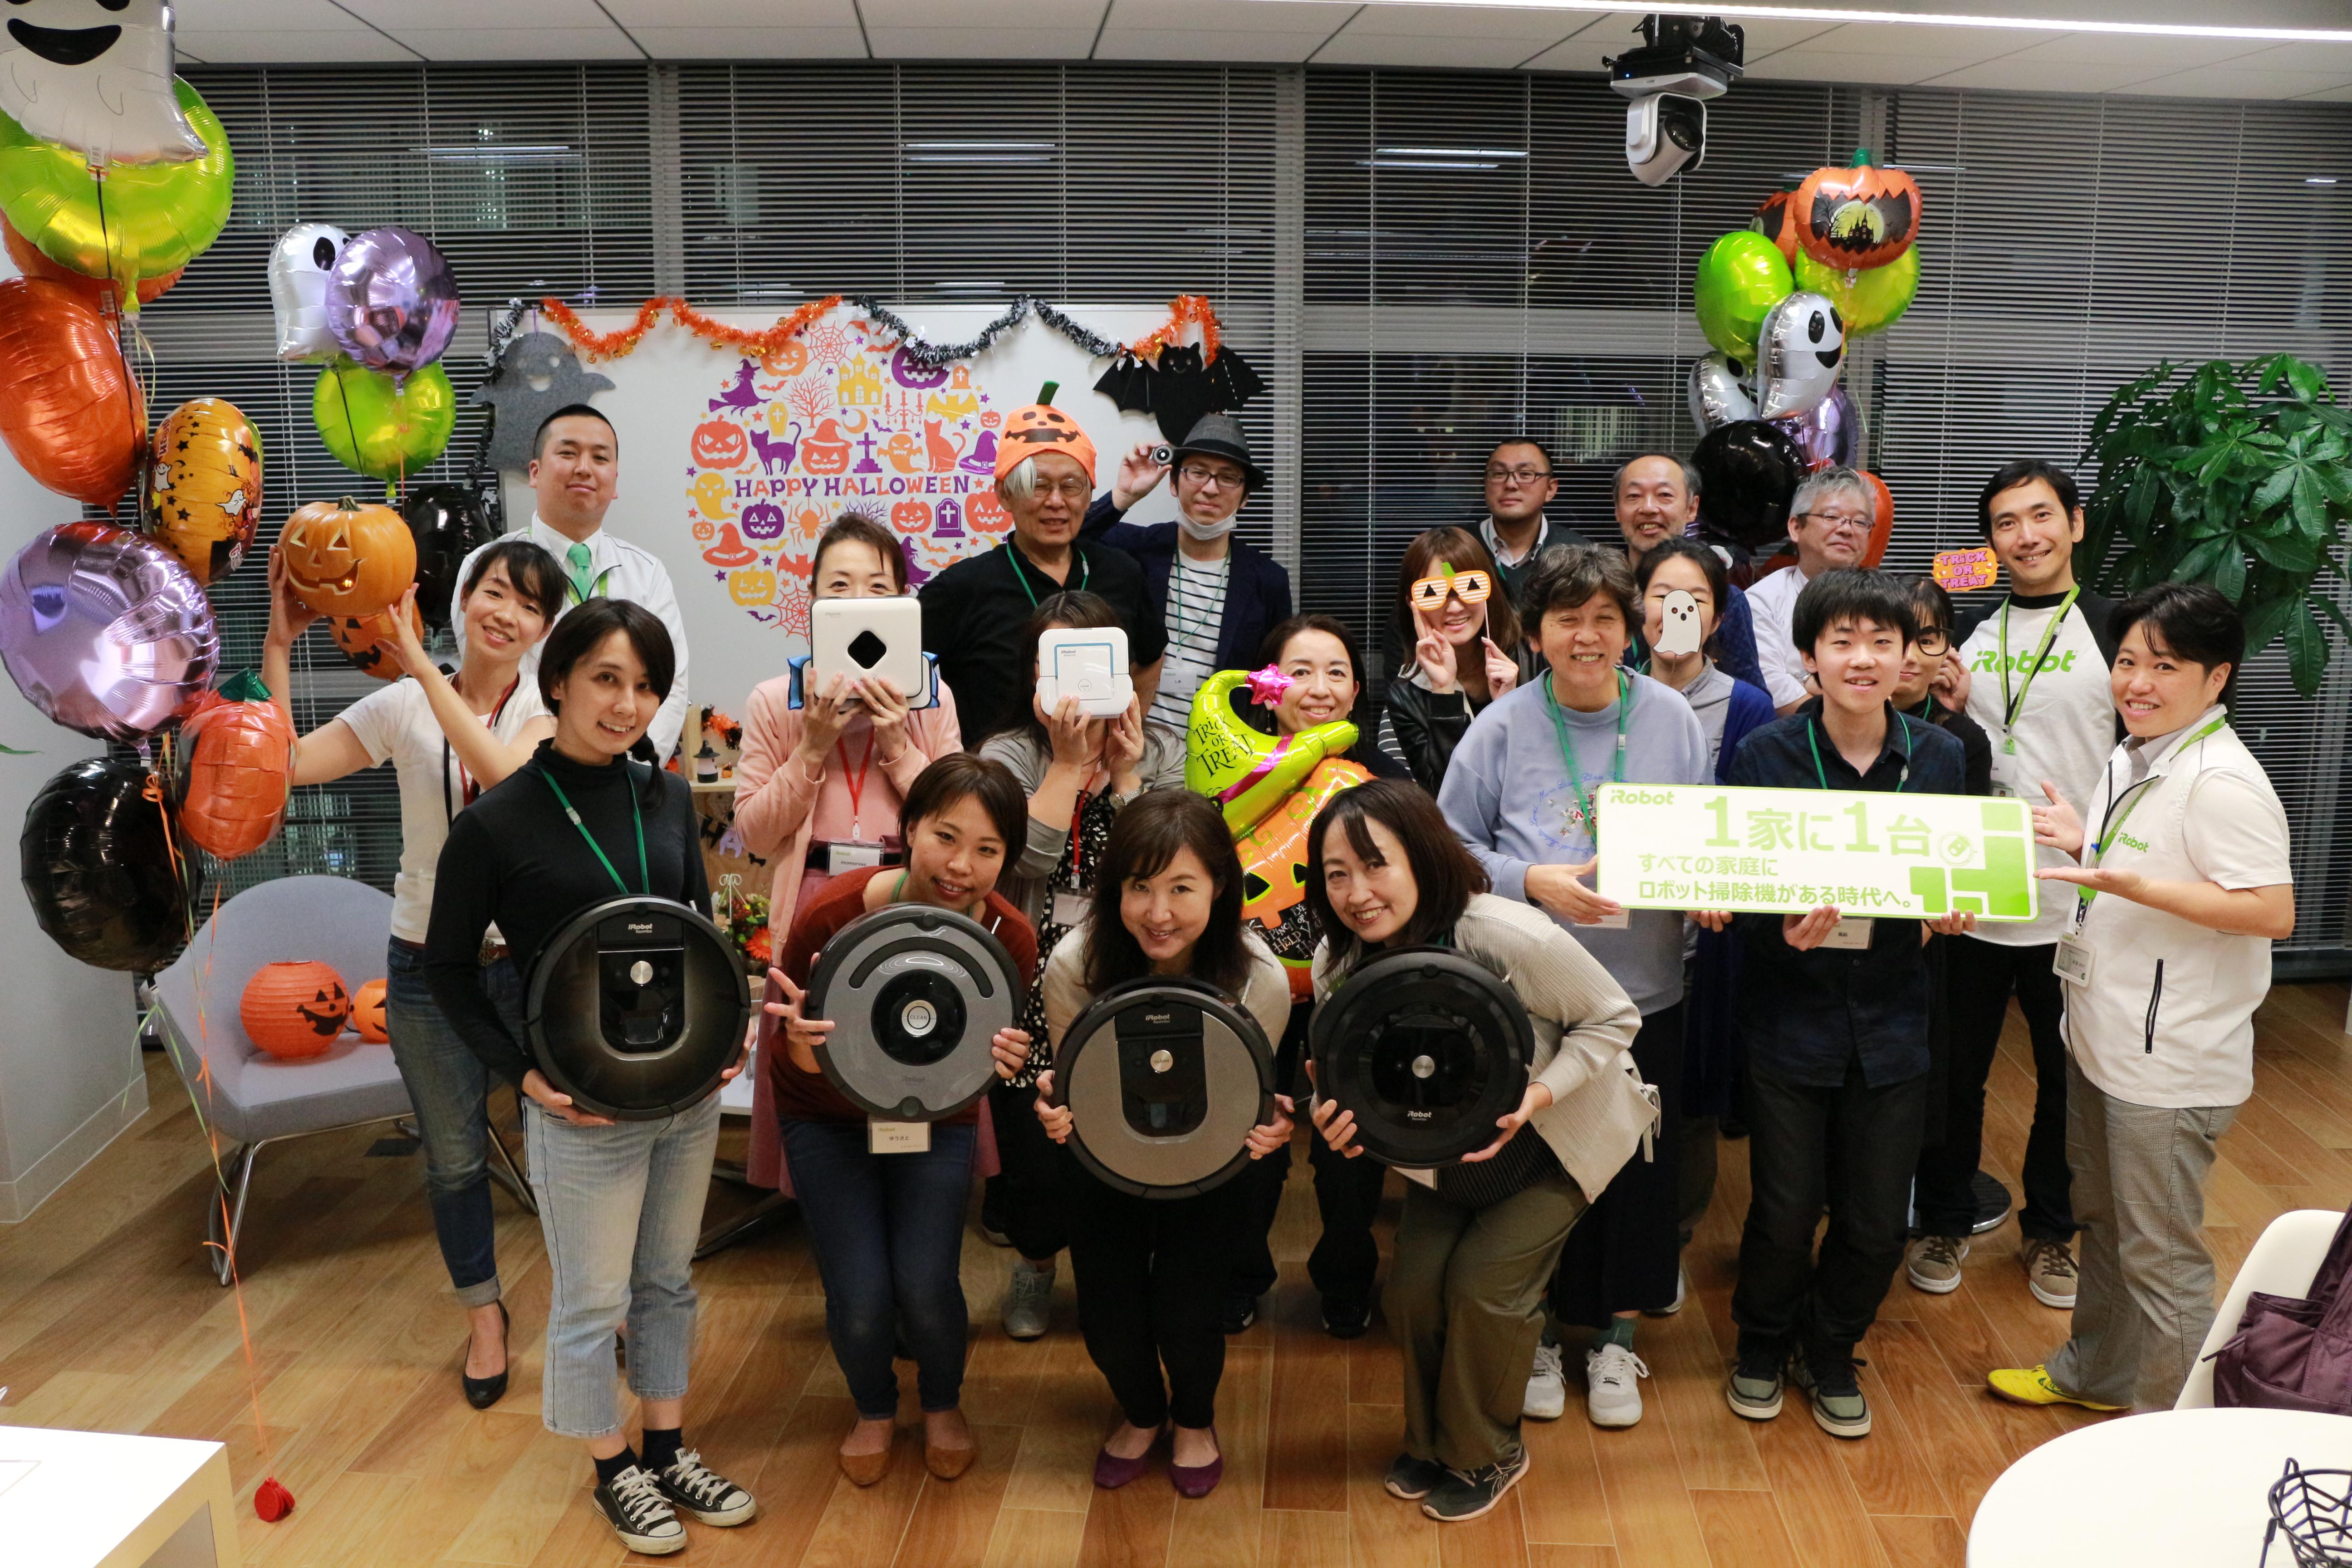 10月18日(木)アイロボット ファンプログラム「はじめてのルンバ」ミーティングを開催しました。